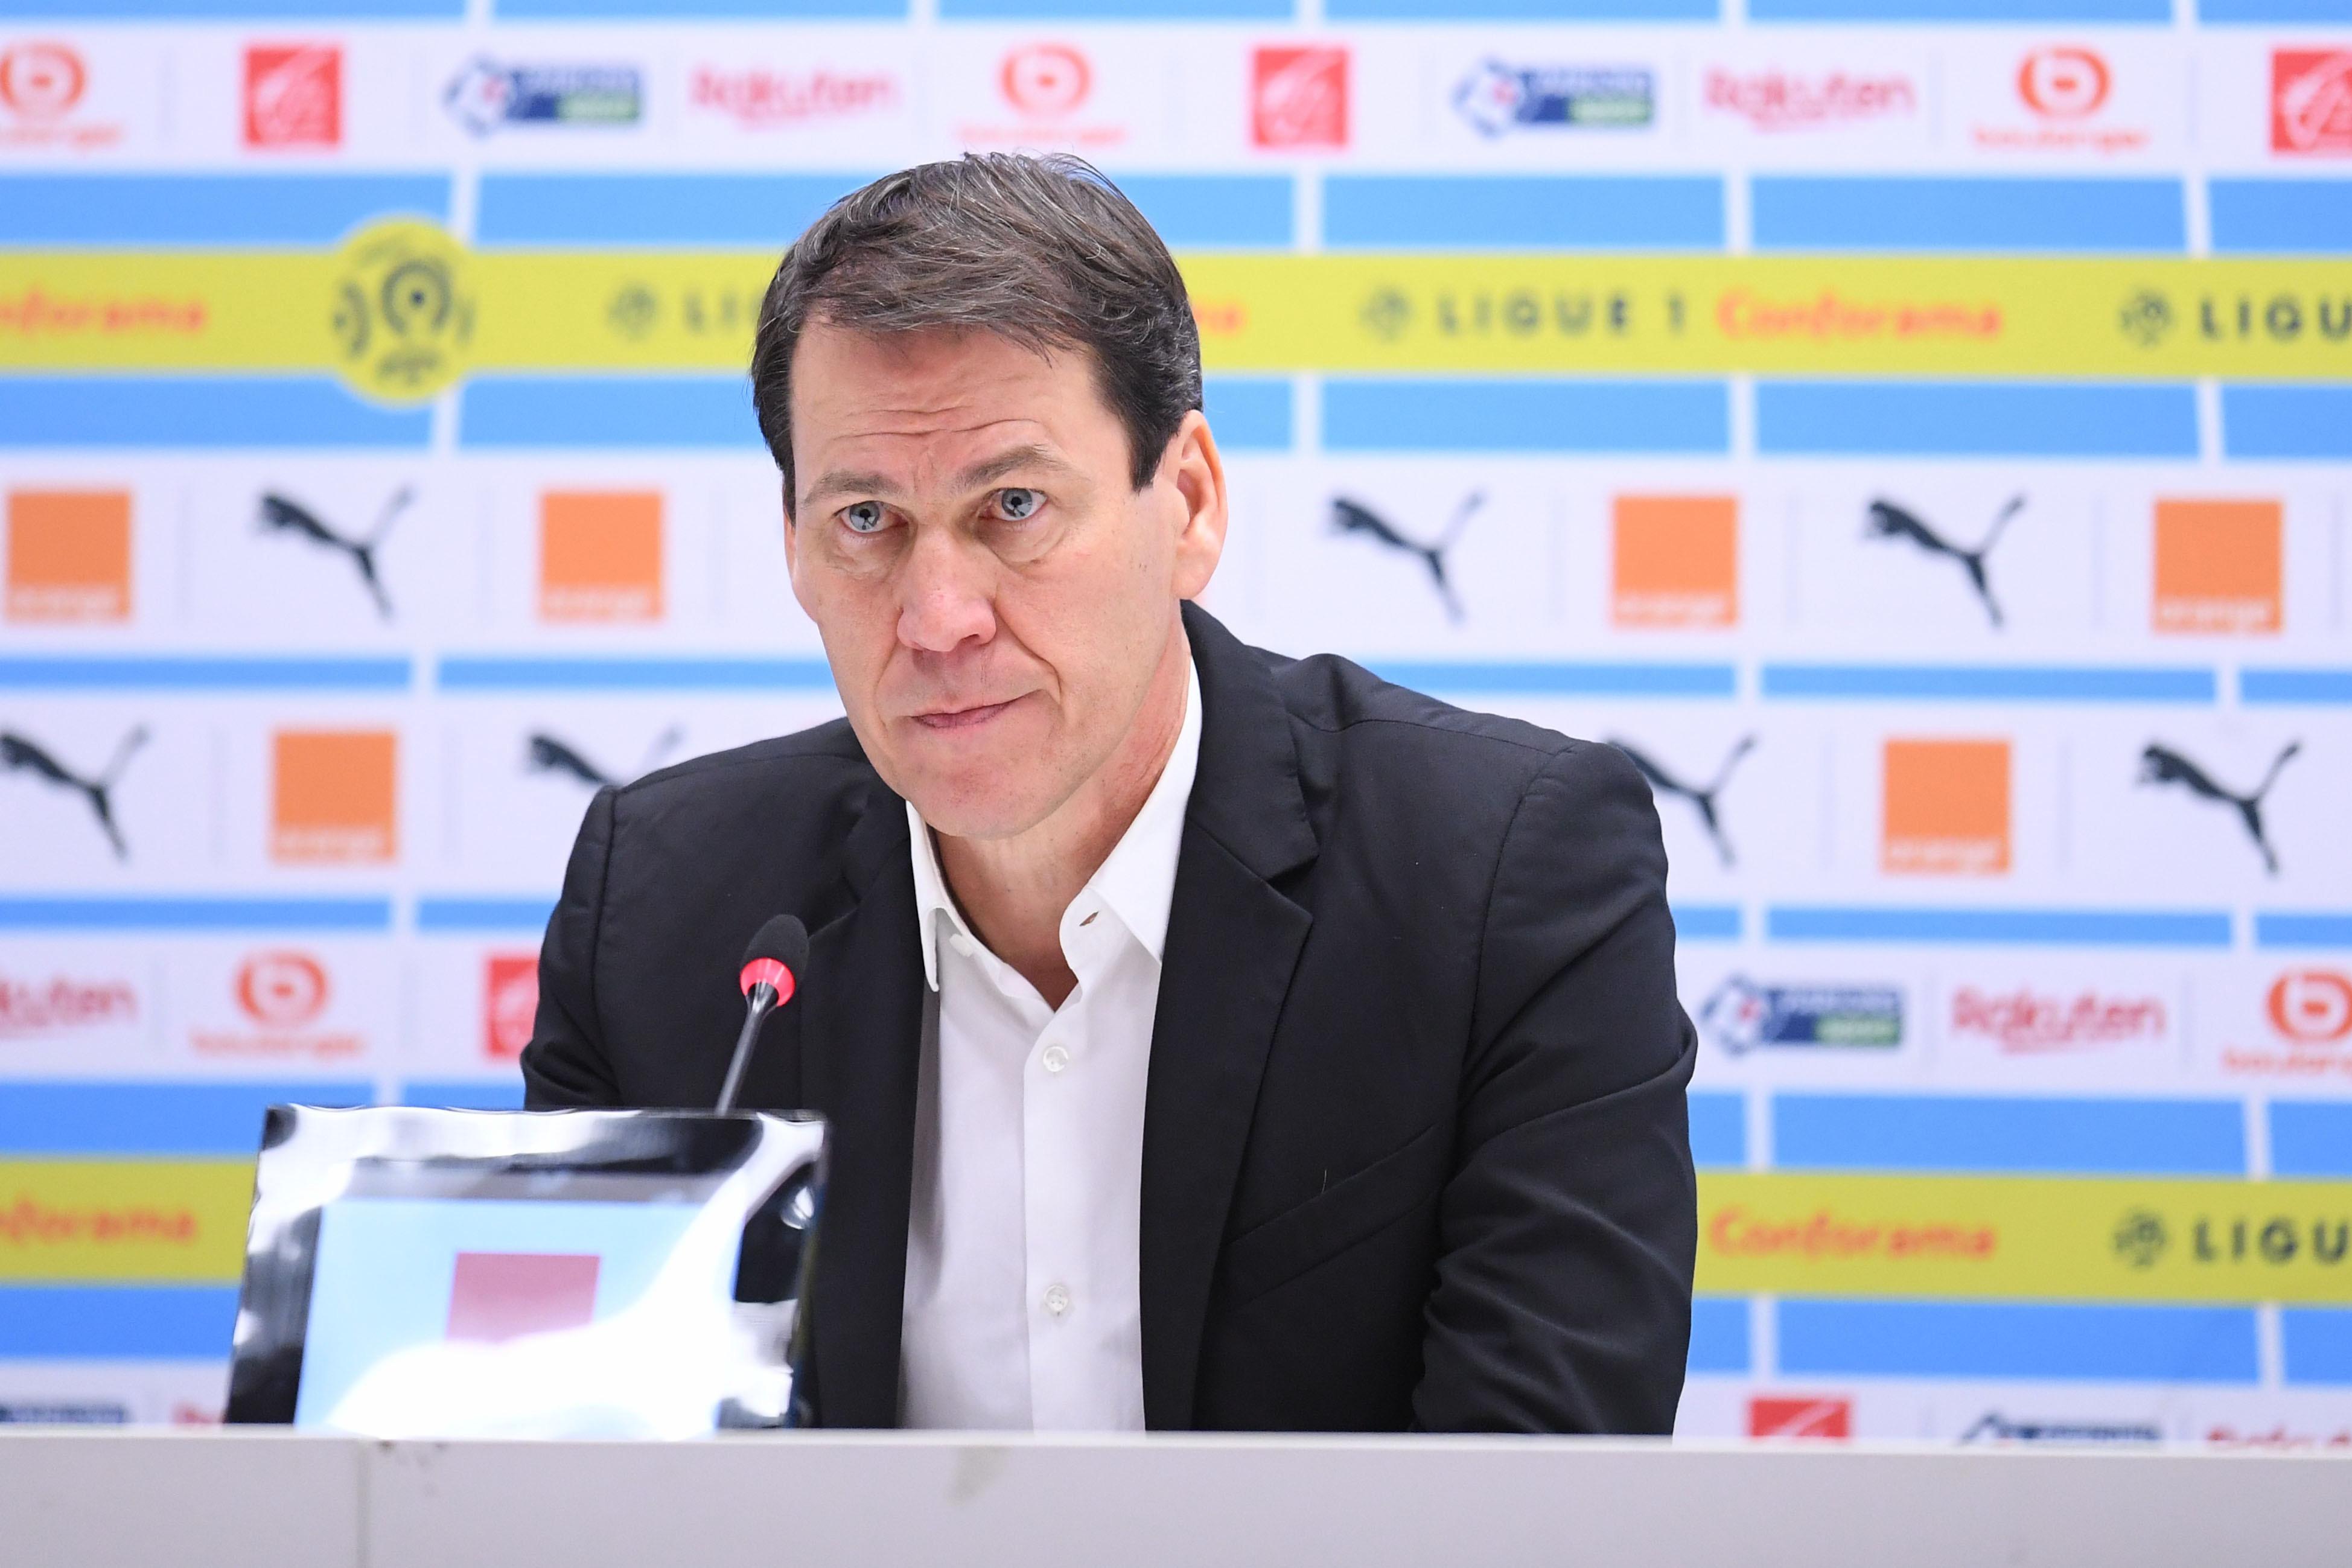 Football - Ligue 1 - OM : Rudi Garcia s'agace en conférence de presse après un article sur lui